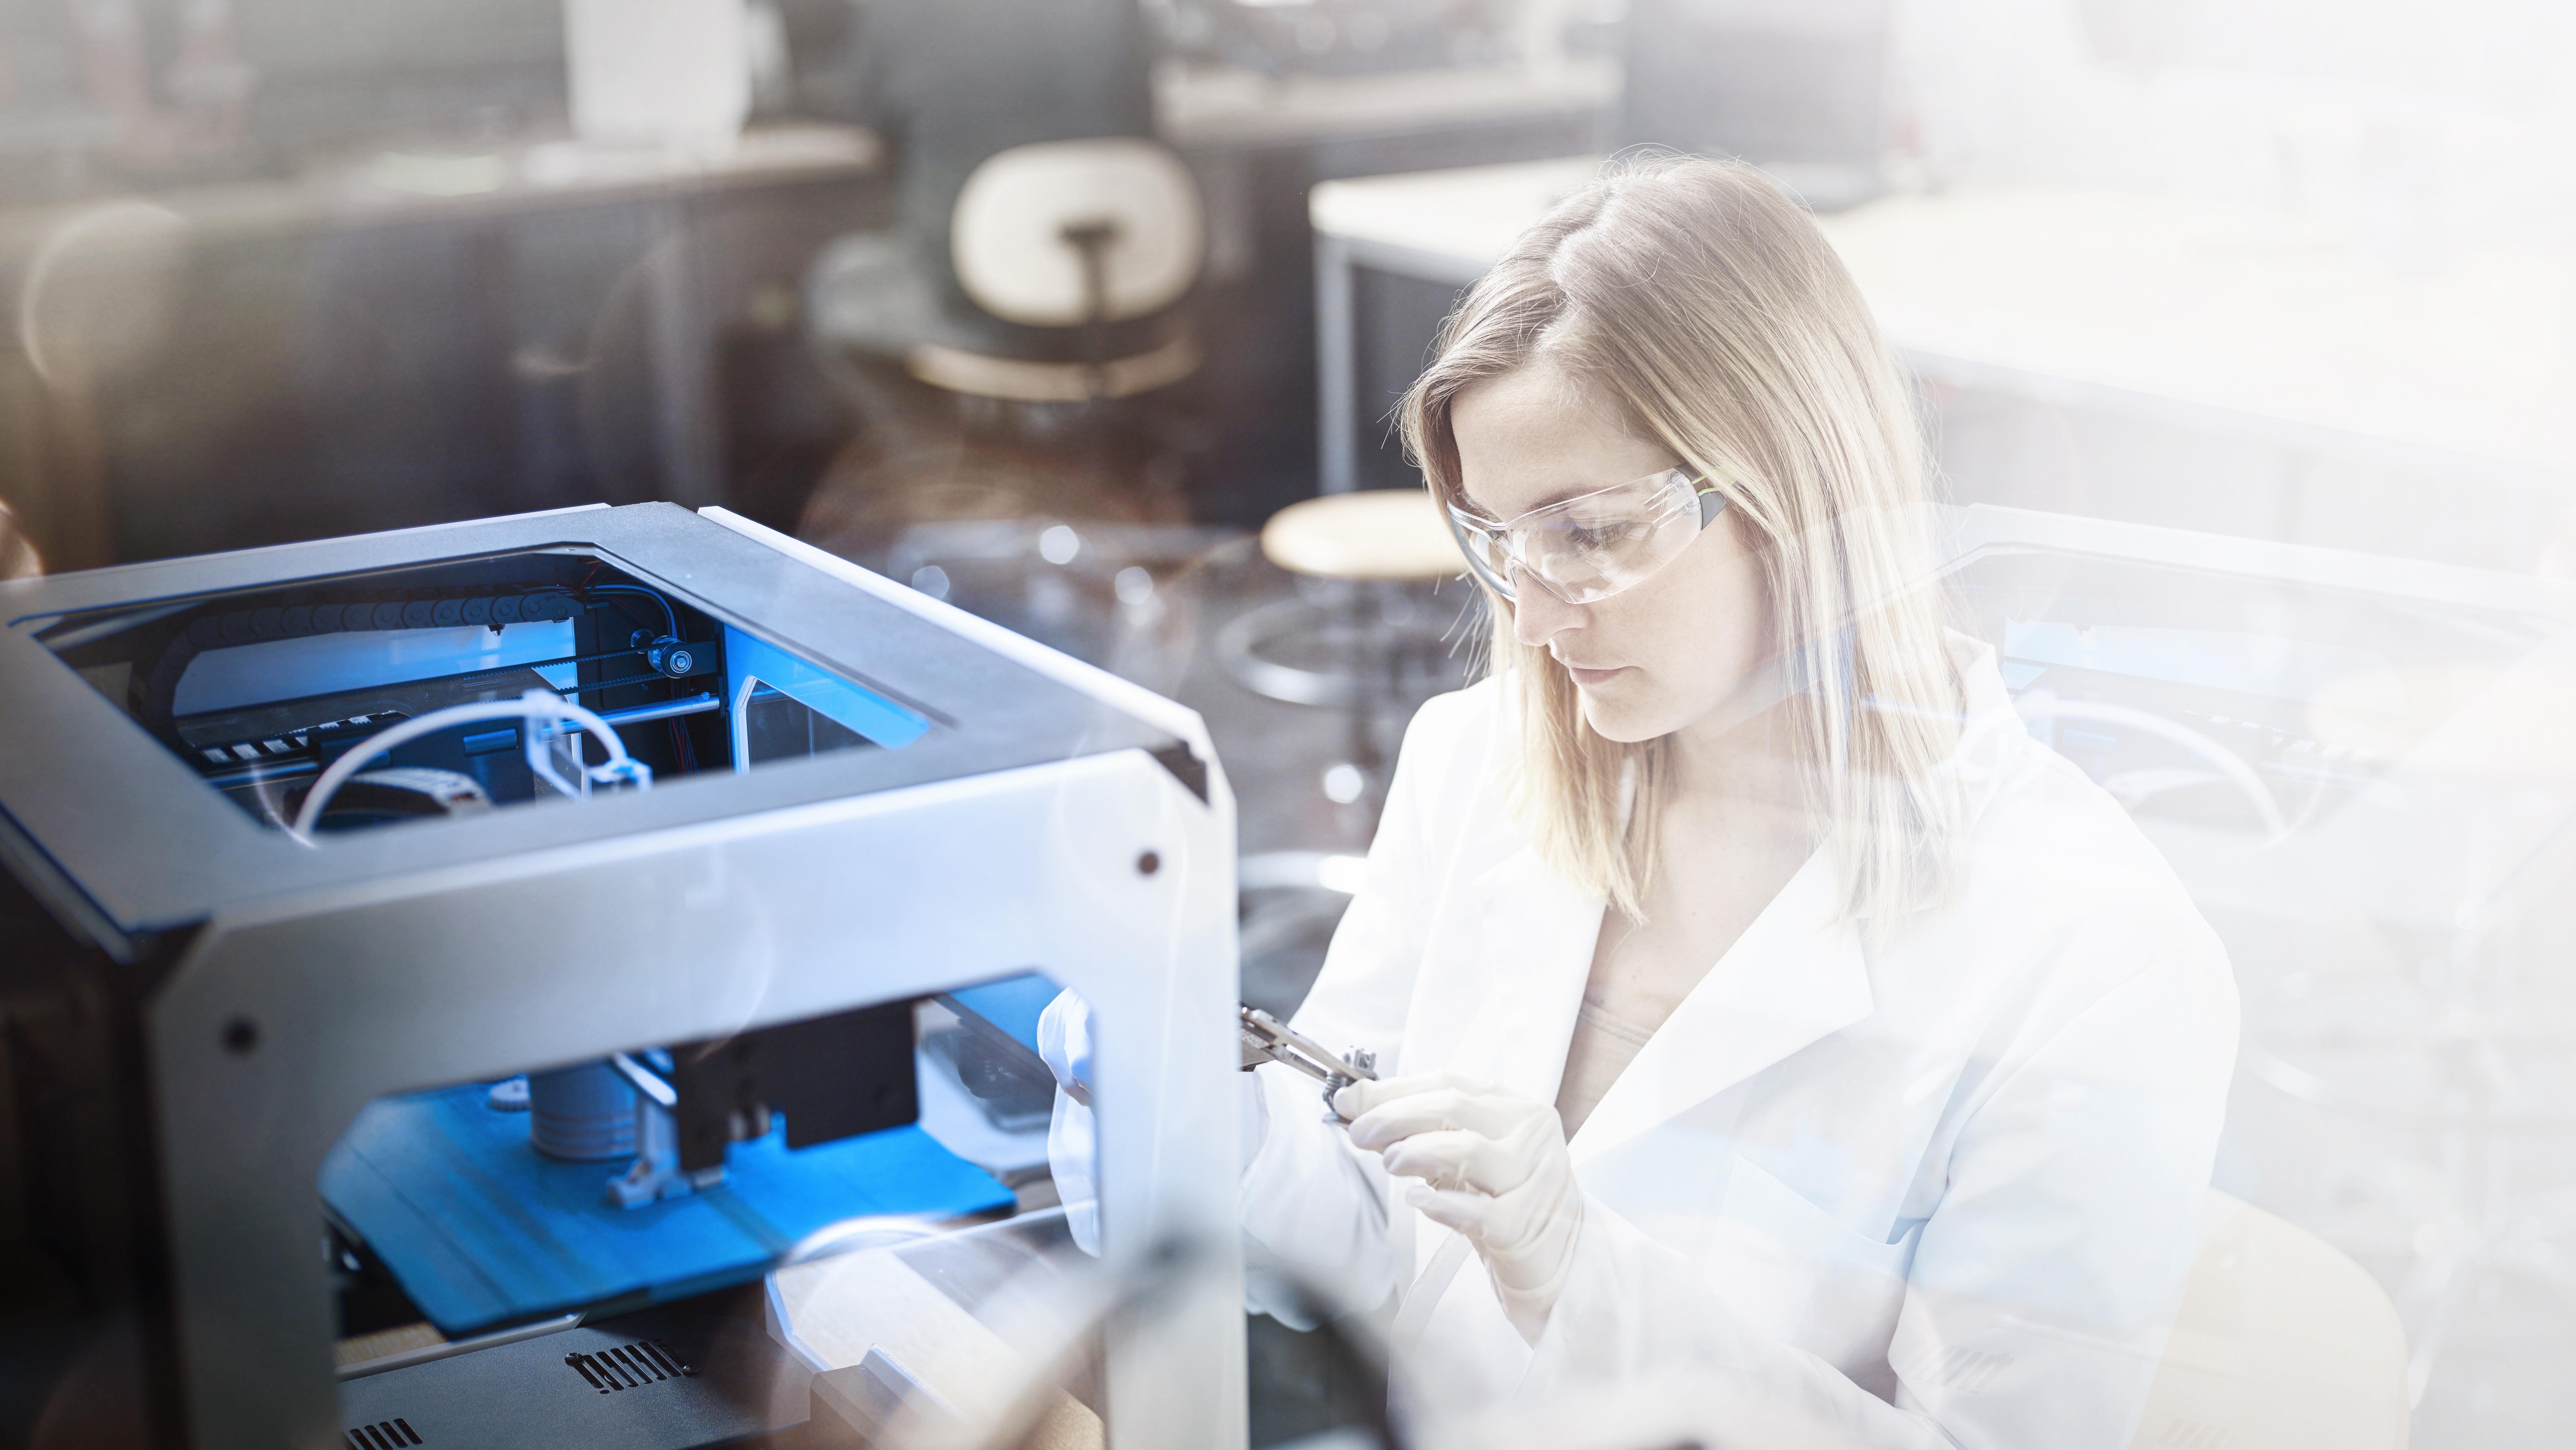 Frau mit weißem Laborkittel und Schutzbrille kontrolliert Druckvorgang von einem 3D Drucker.